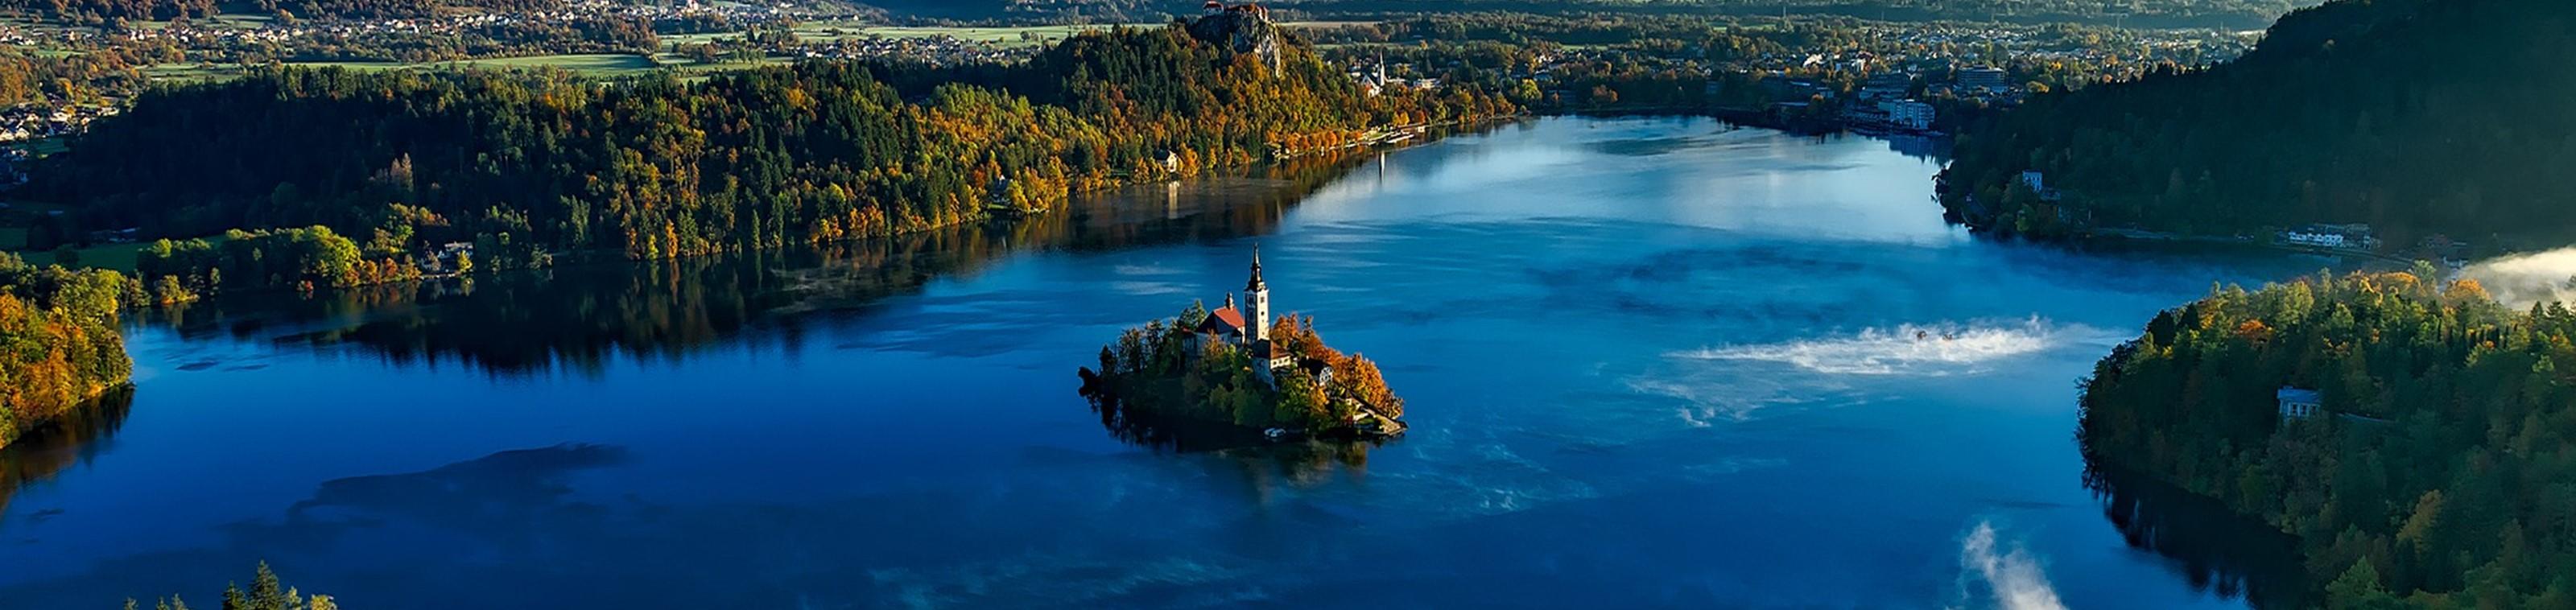 Rondreis 'Highlights van Slovenië'